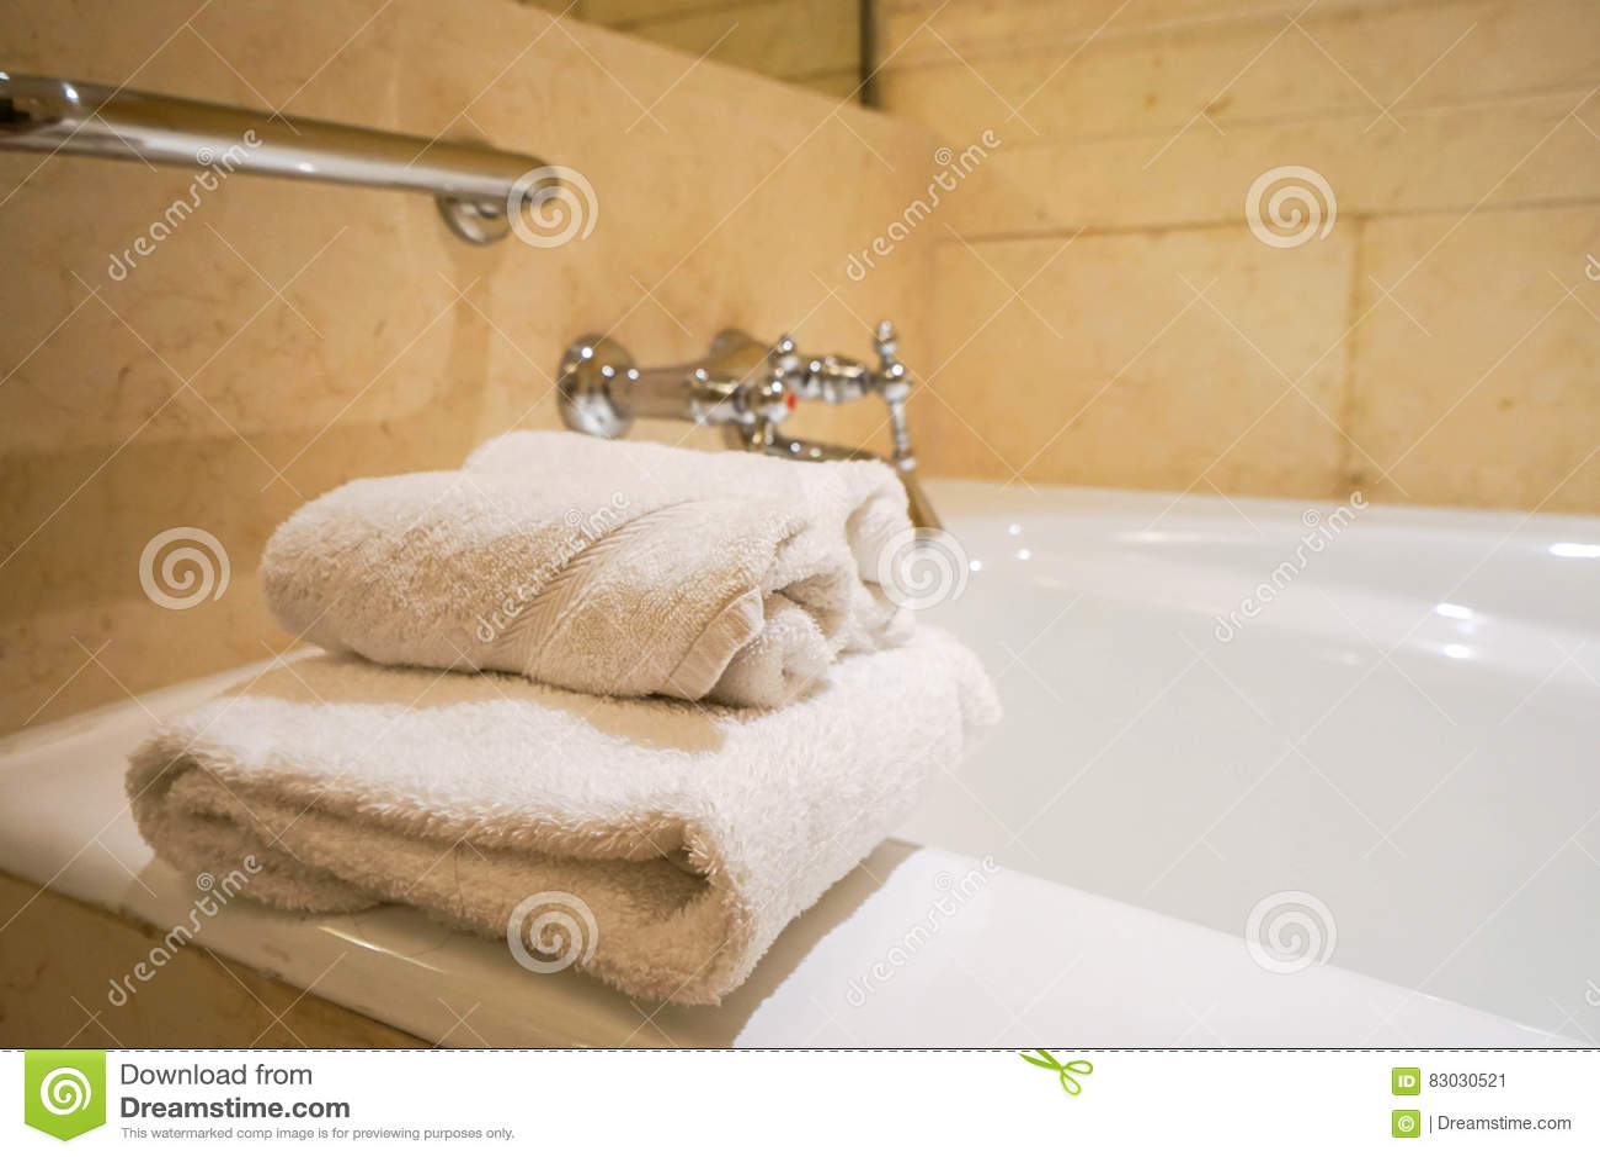 White towel on bathtub in hotel bathroom